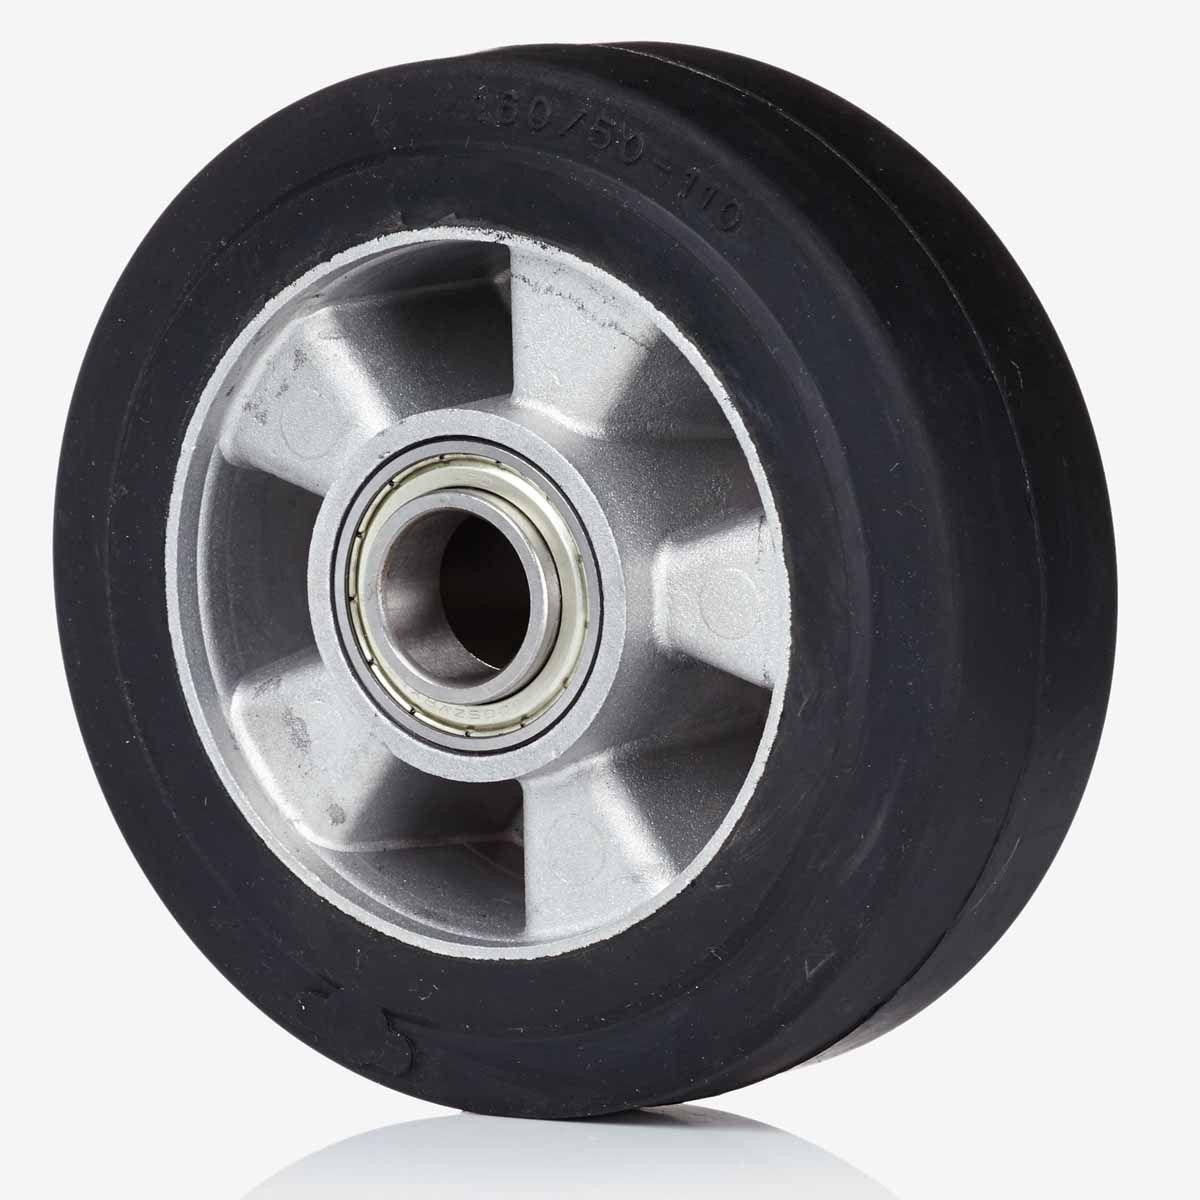 Buy Rubber Wheels Online